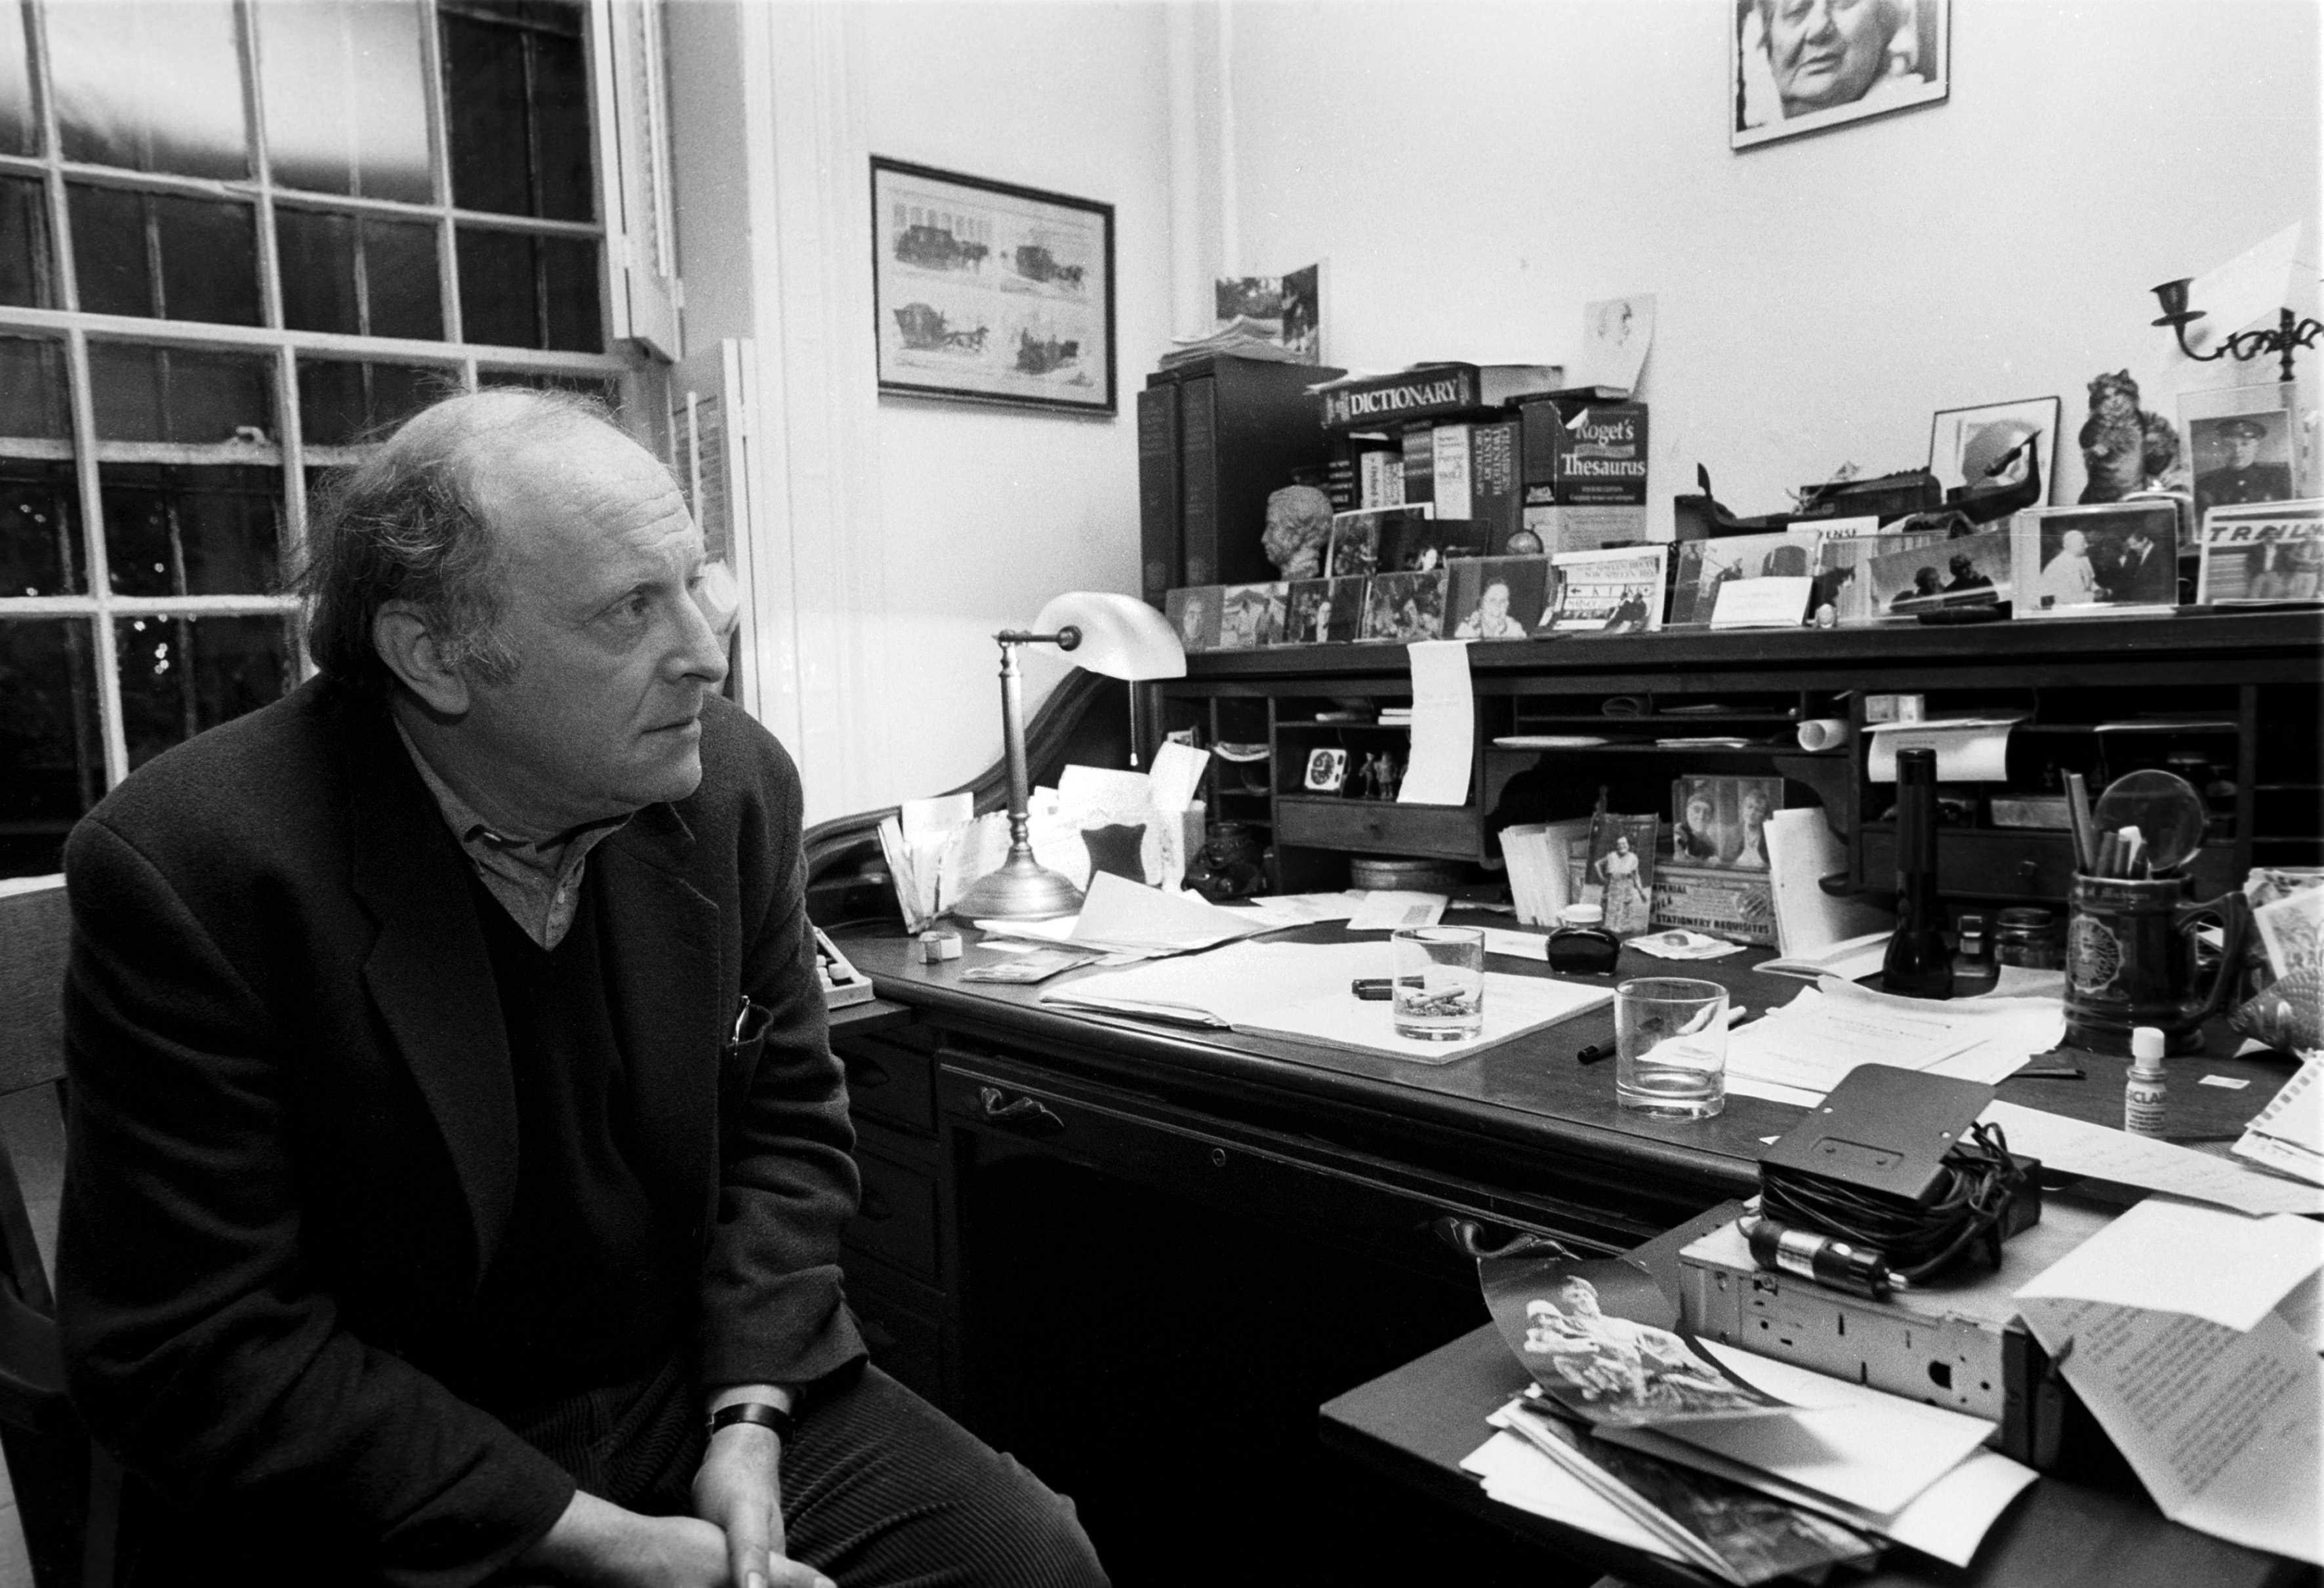 Joseph Brodsky in New York